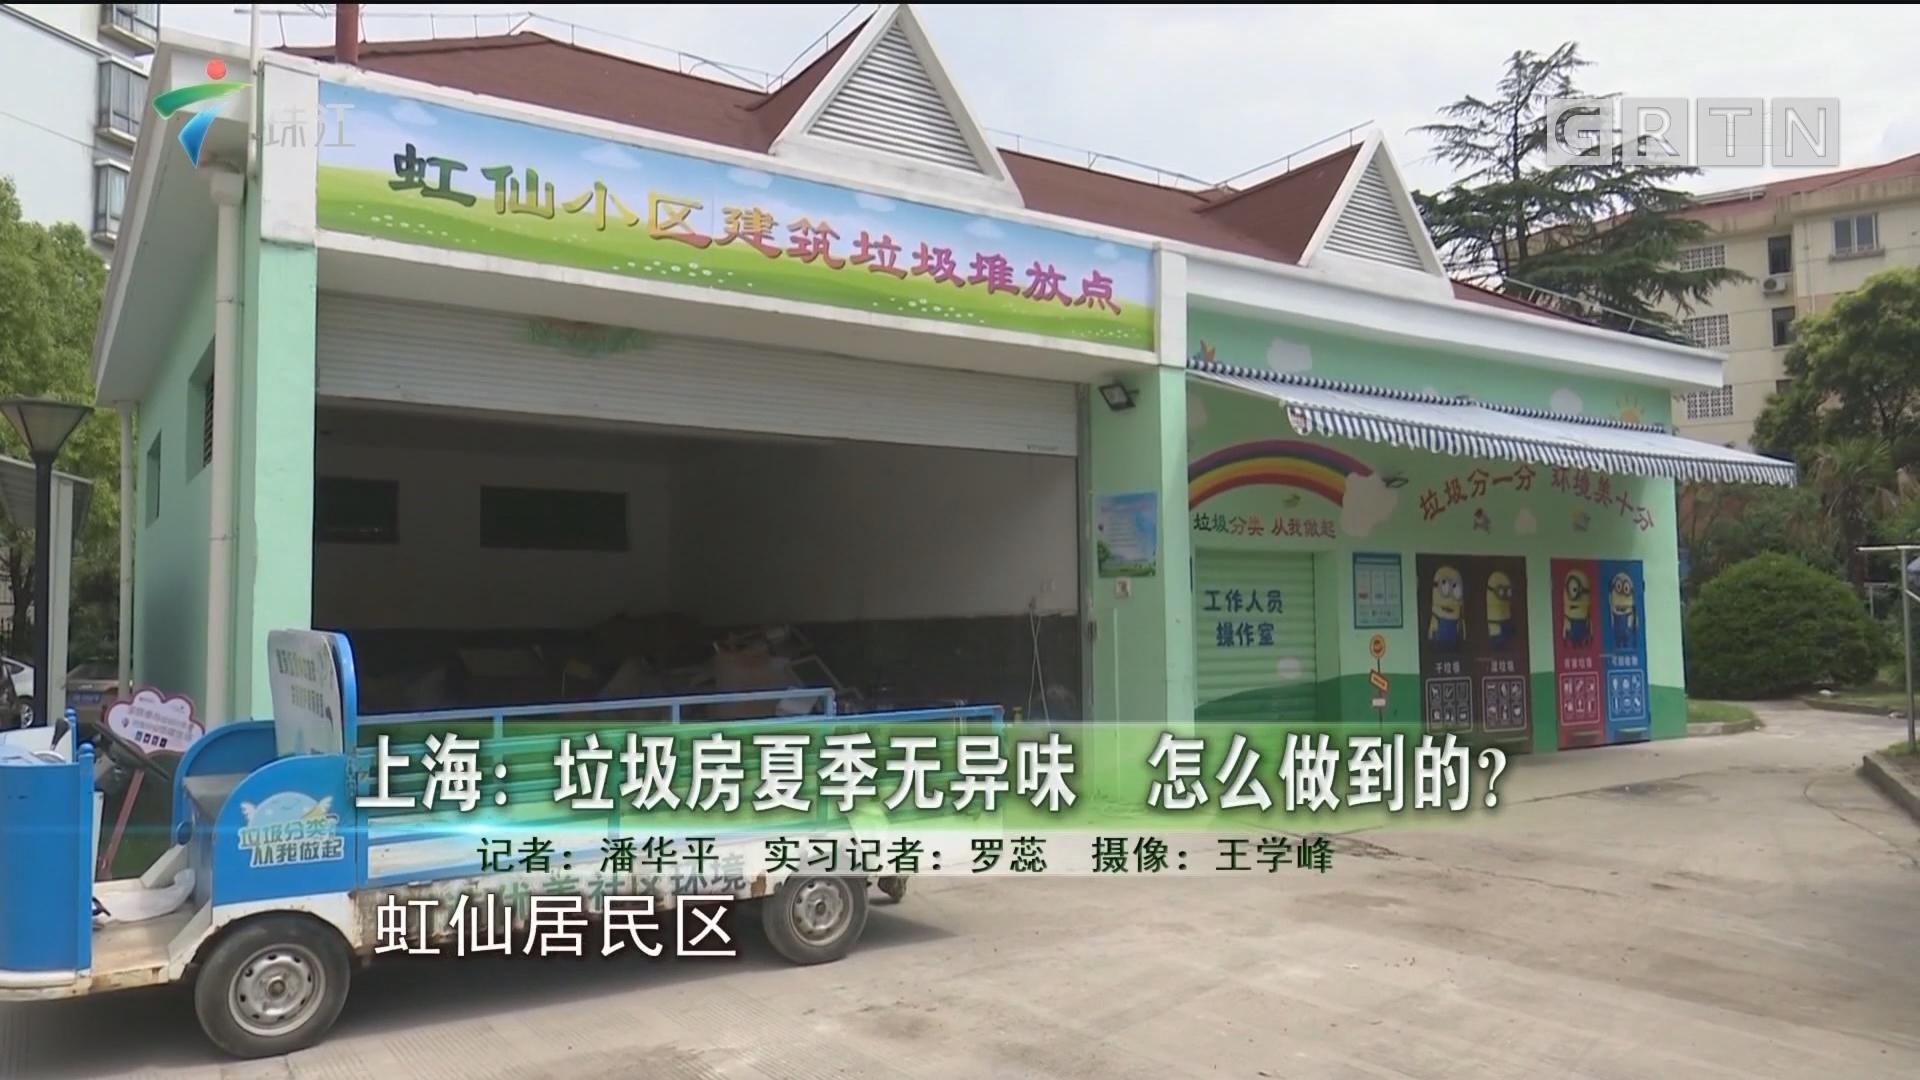 上海:垃圾房夏季无异味 怎么做到的?